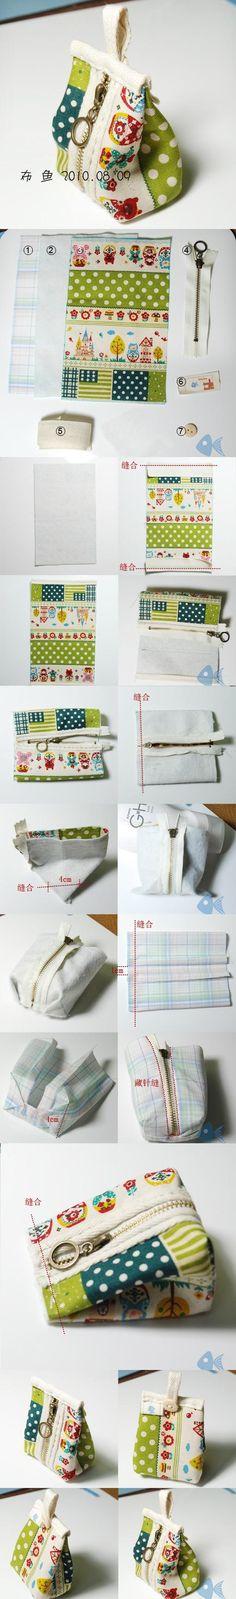 DIY Small Handbag DIY Small Handbag